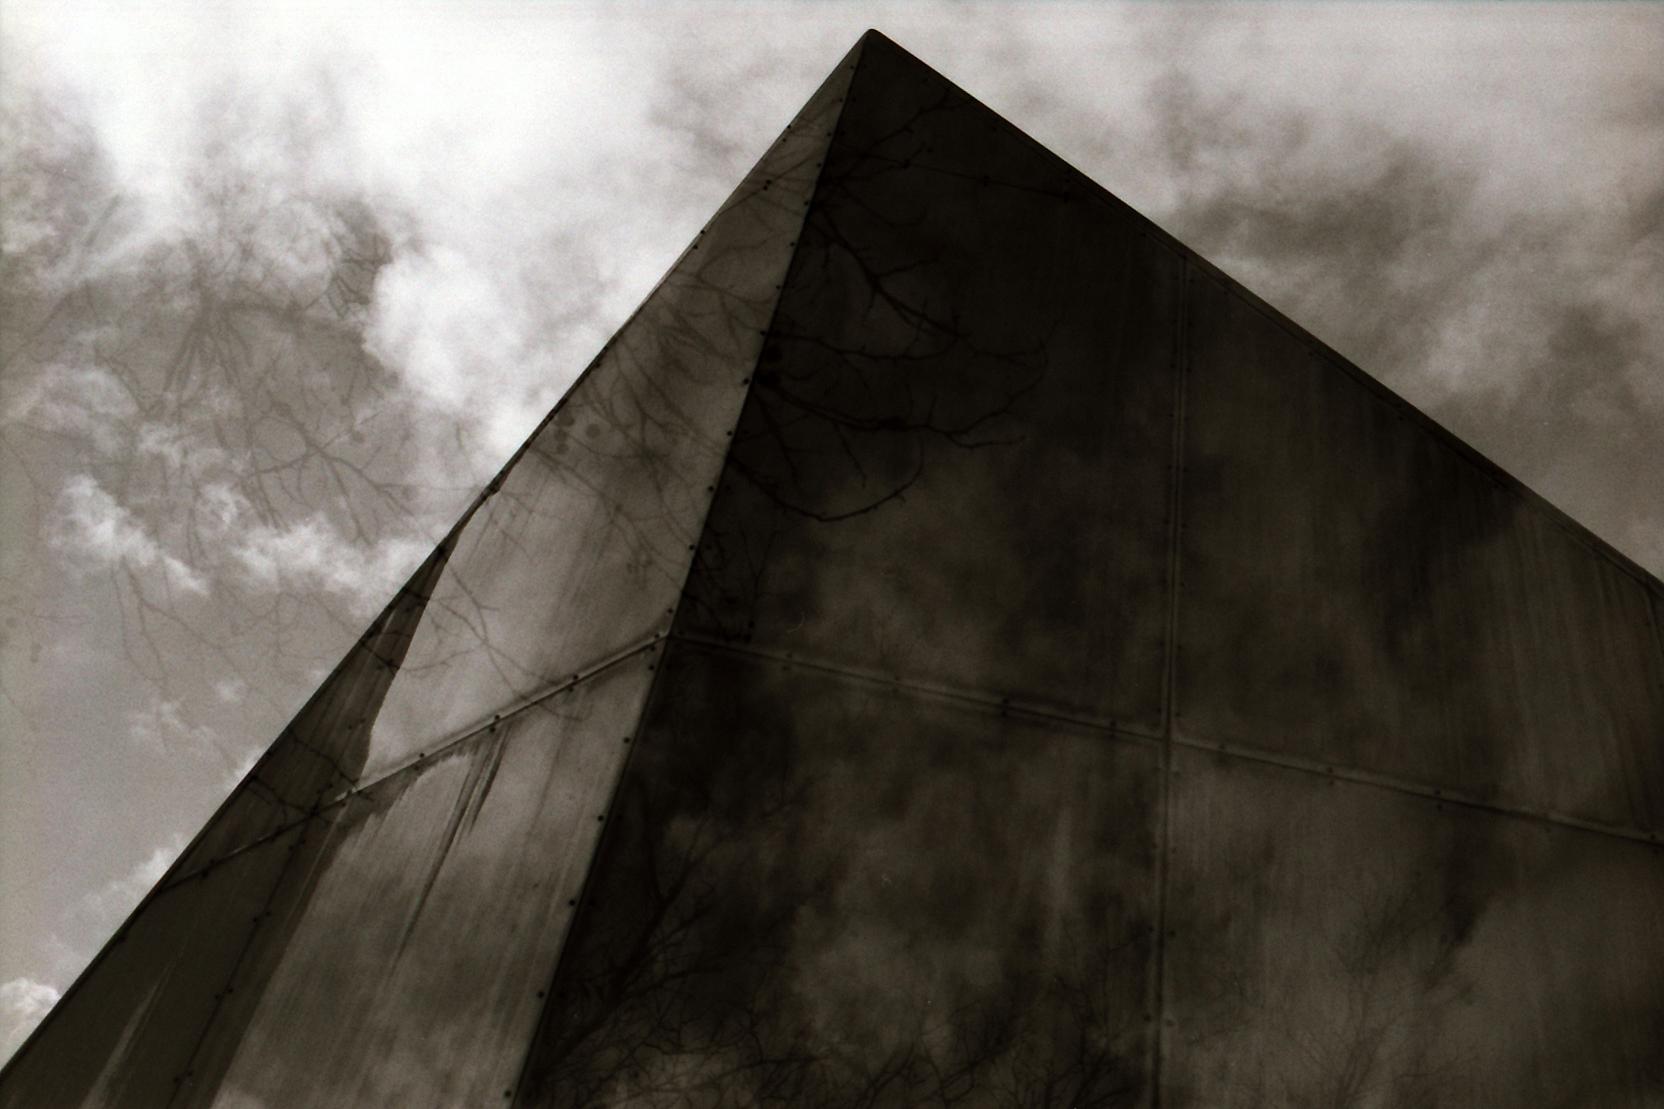 Doppelbelichtung mit Metallpyramide, Wolken und Baum